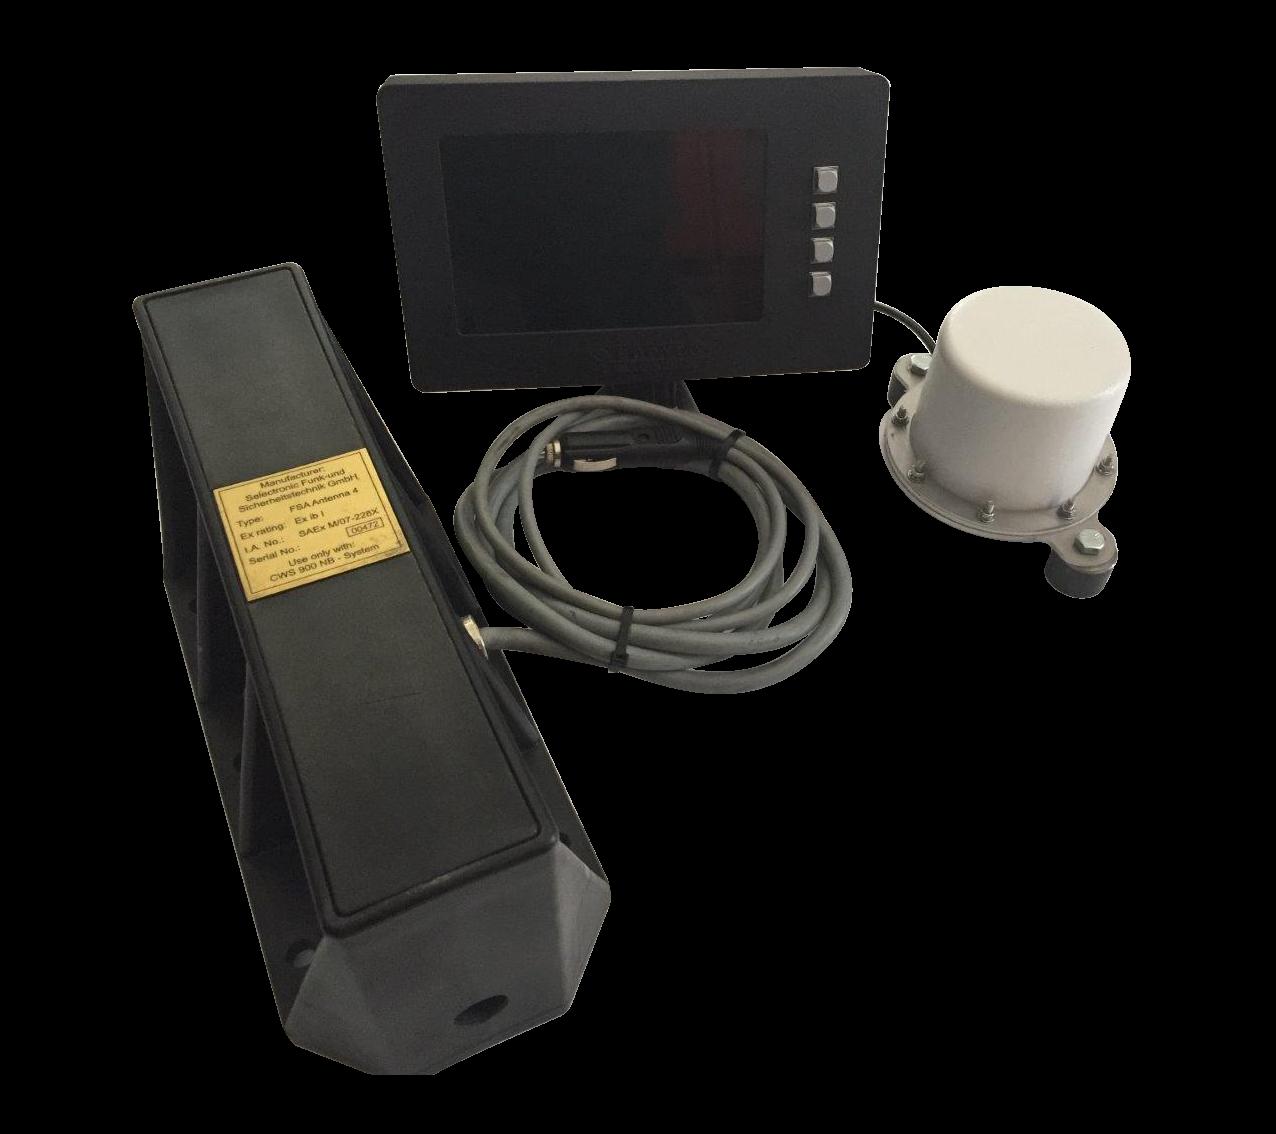 Booyco Electronics - PDS